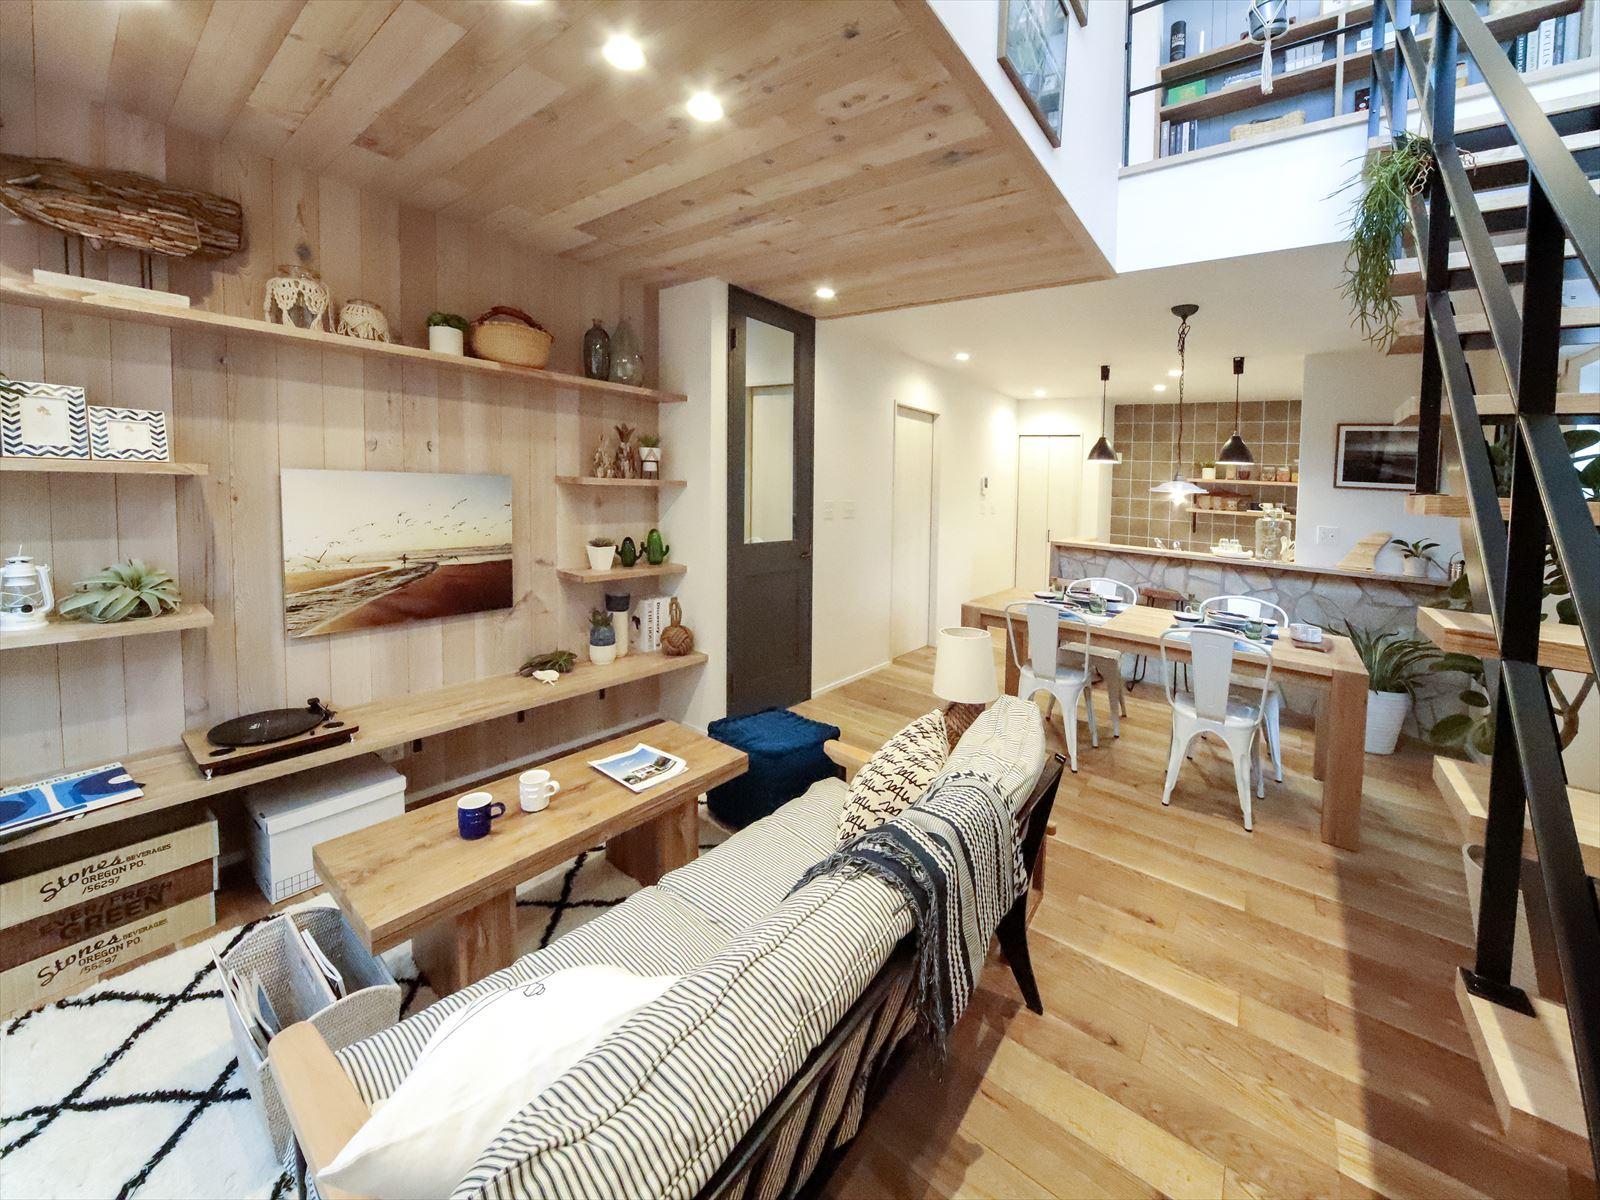 ライフスタイルショップと、住宅メディアによる<br /> 新しいスタイルの家づくり。